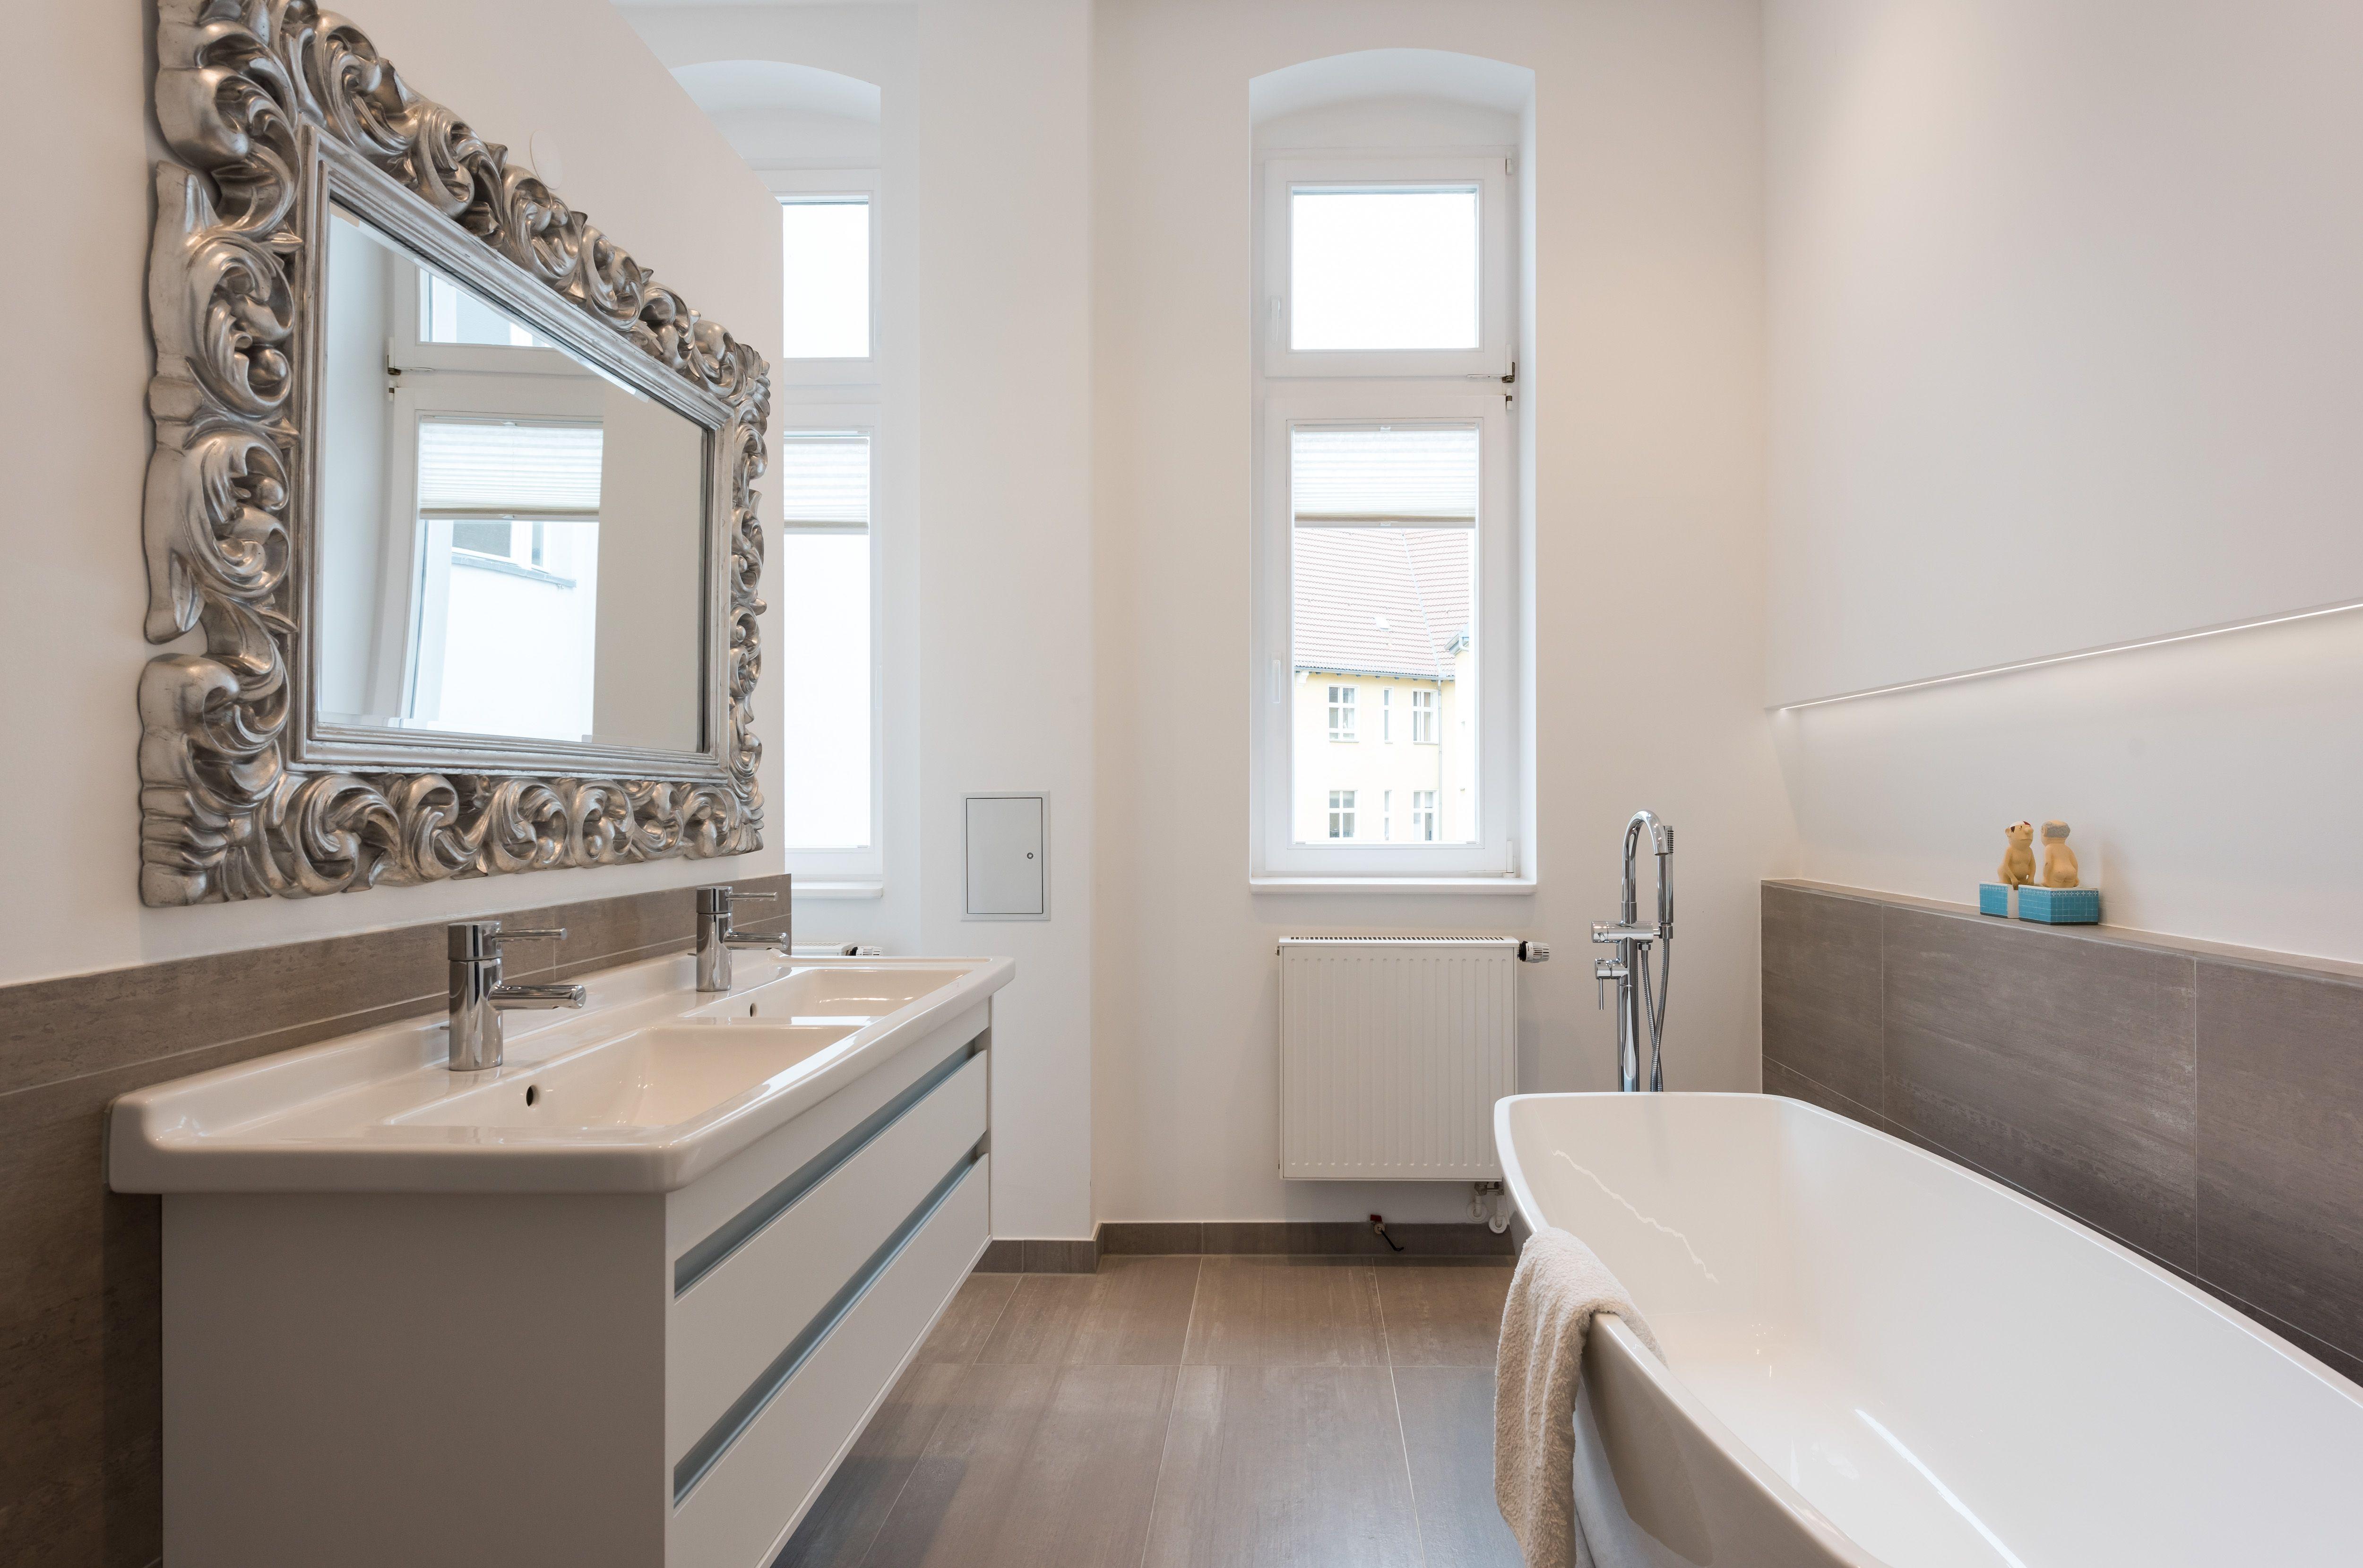 Fliesenmarkt Berlin wohnungsumbau berlin by fl nk architekten badezimmer bath room